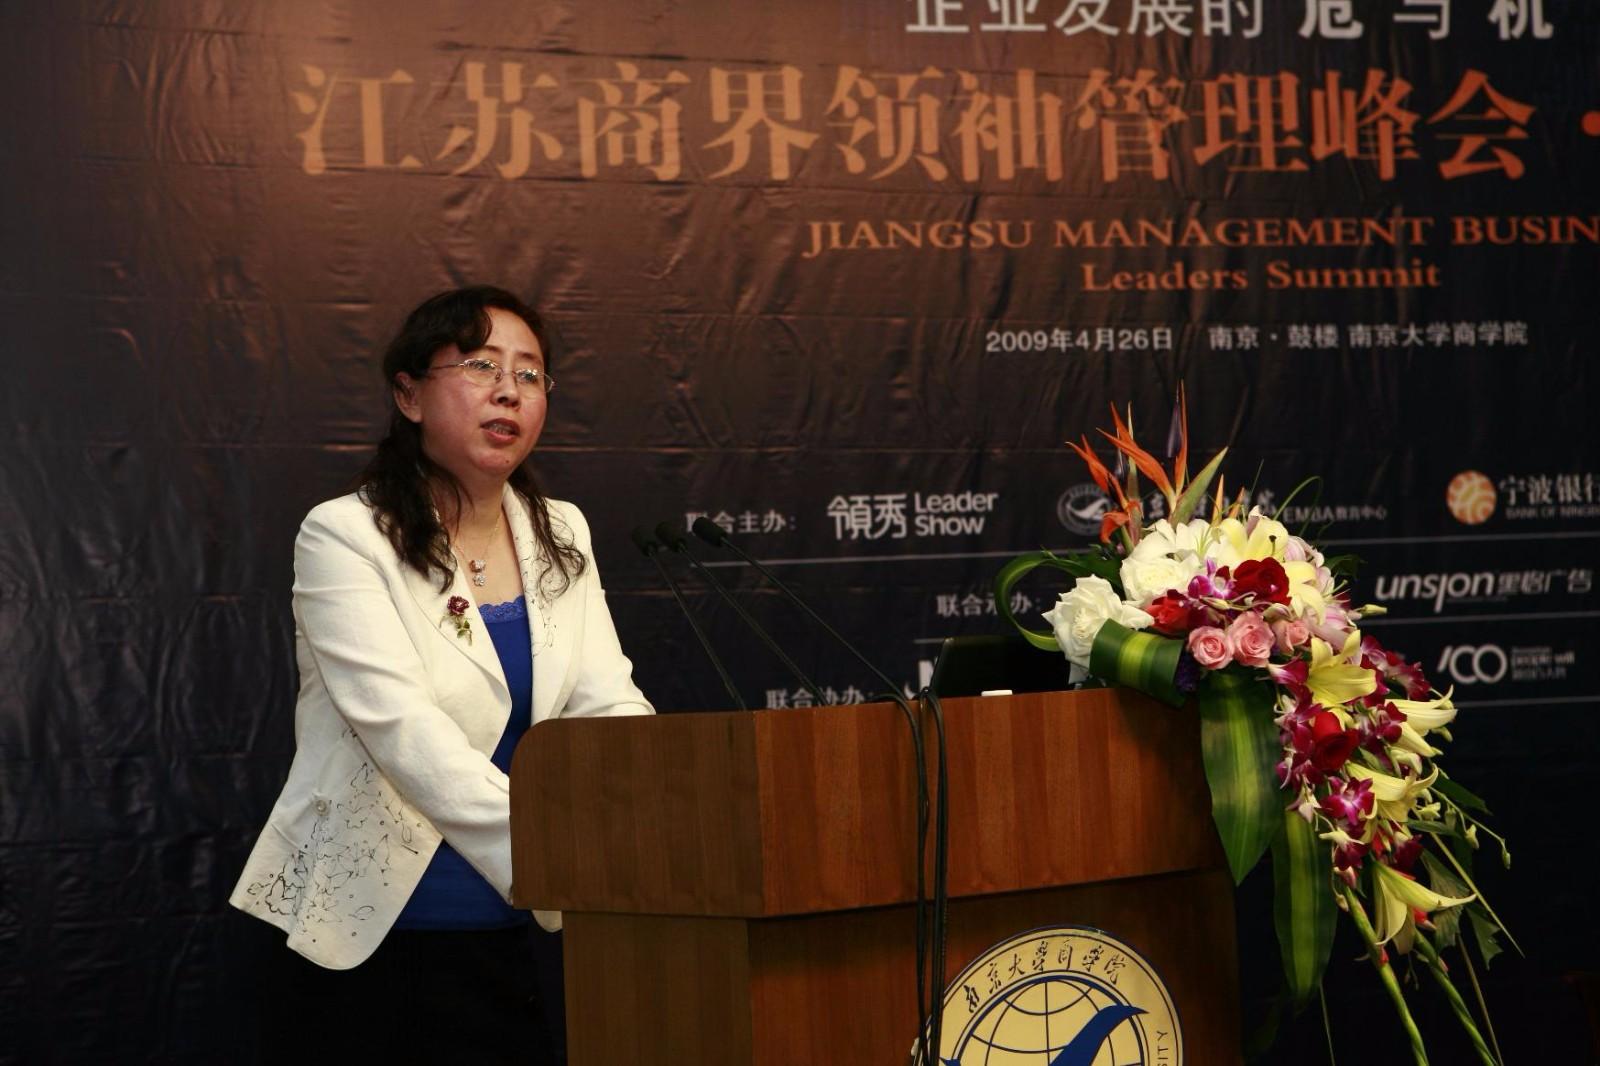 南京大学EMBA管理峰会论坛-刘洪教授在对话环节发言